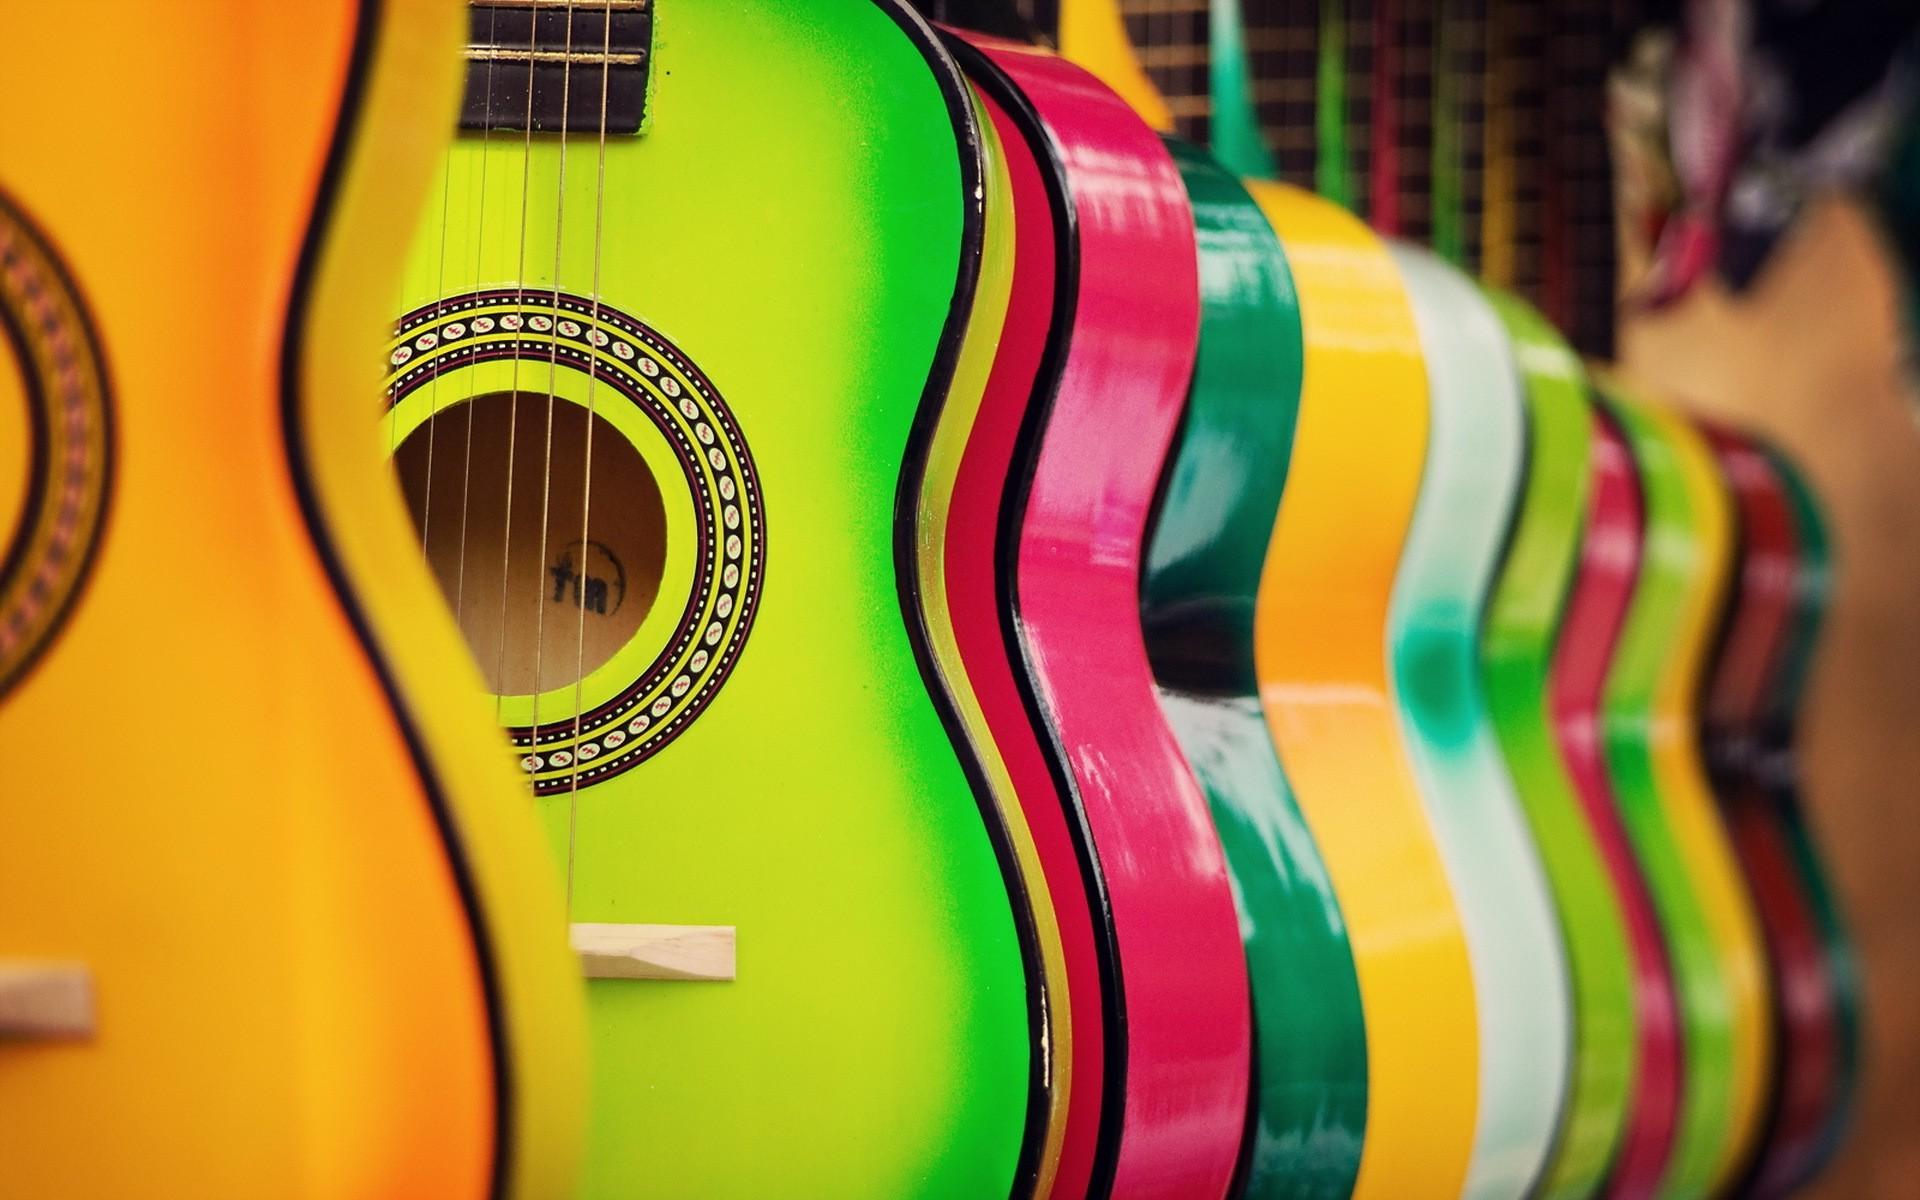 Cute Ukulele Wallpaper Colorful Guitar Hd Music 4k Wallpapers Images